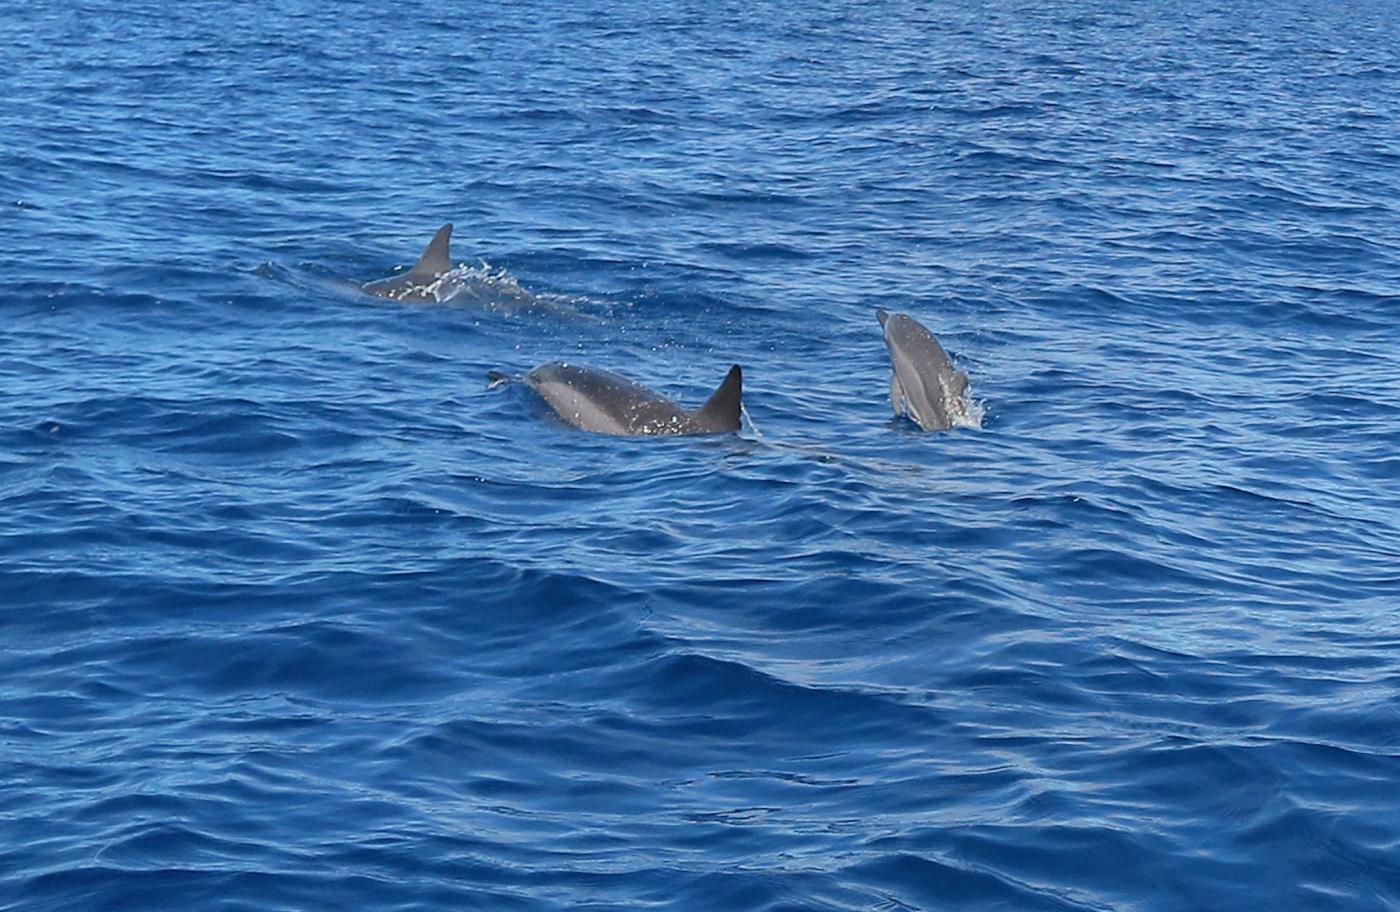 夏威夷精彩旅游节目:与海豚同